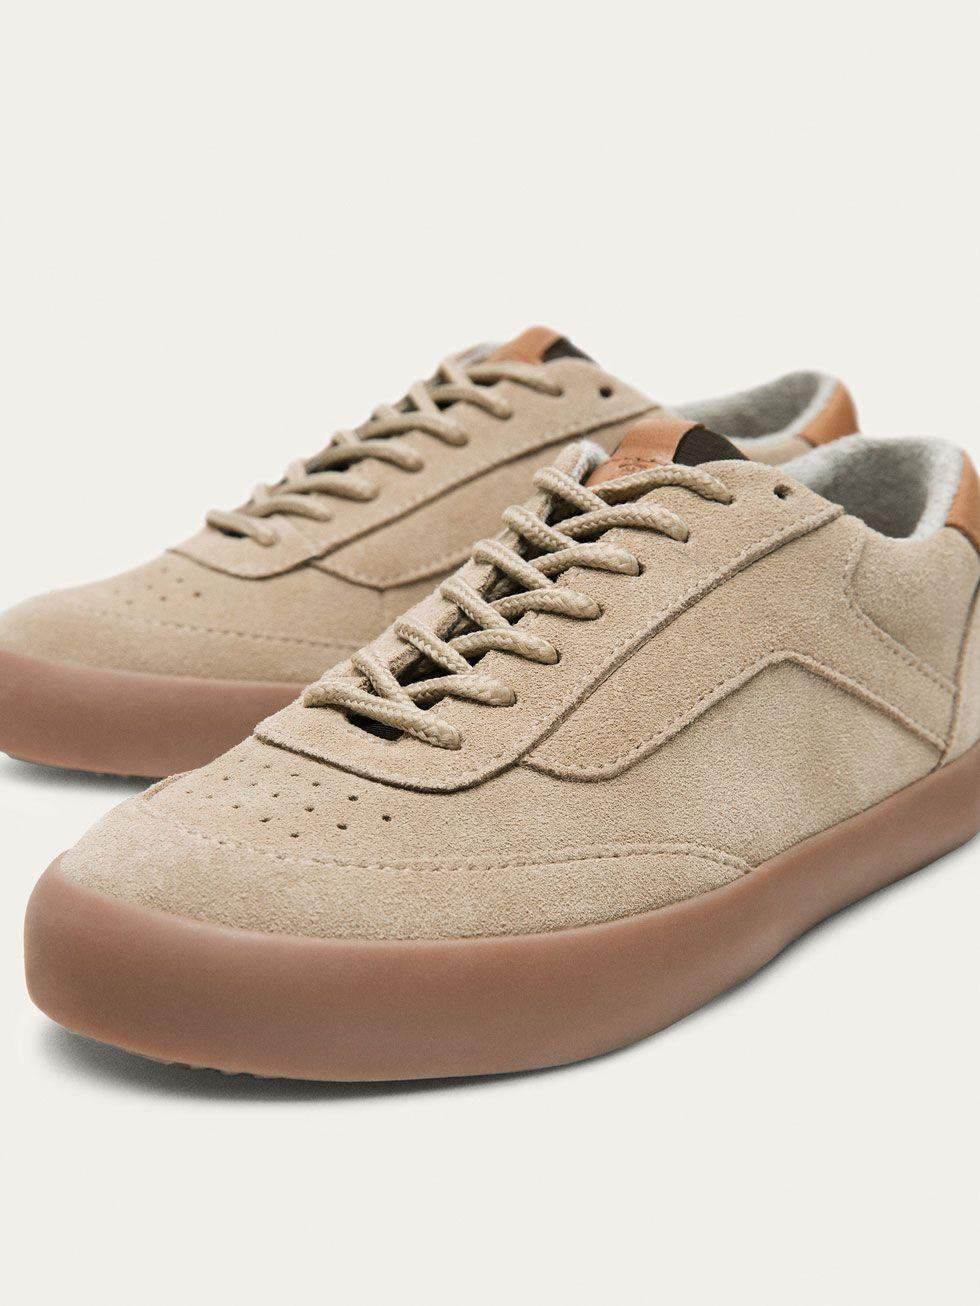 5cfc5d59 BAMBA PIEL ARENA de NIÑOS - Zapatos - Tallas 32 - 39 de Massimo Dutti de